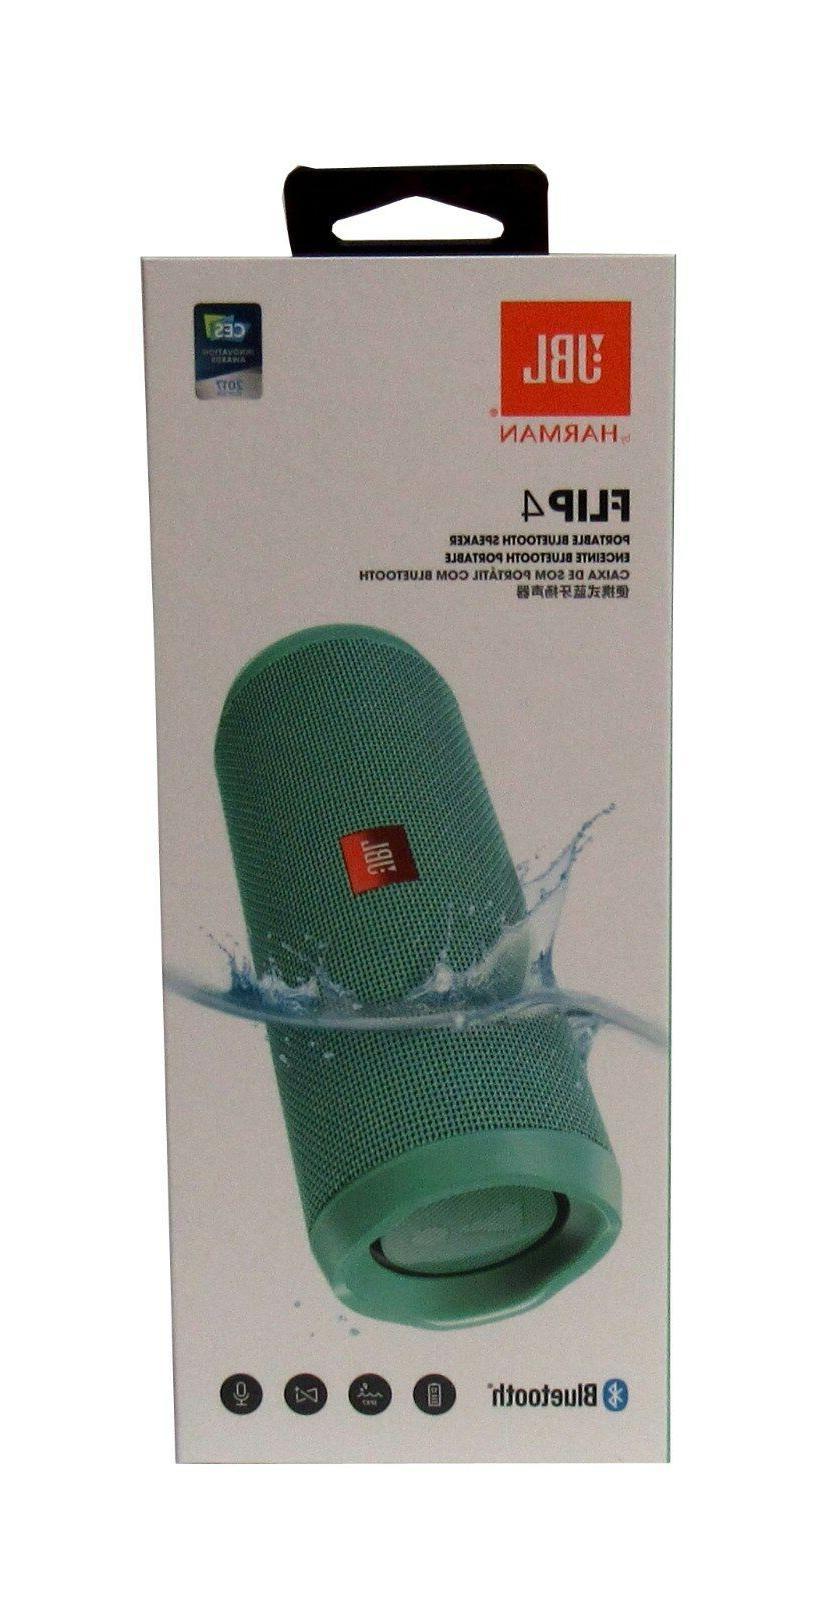 flip 4 waterproof portable bluetooth speaker teal